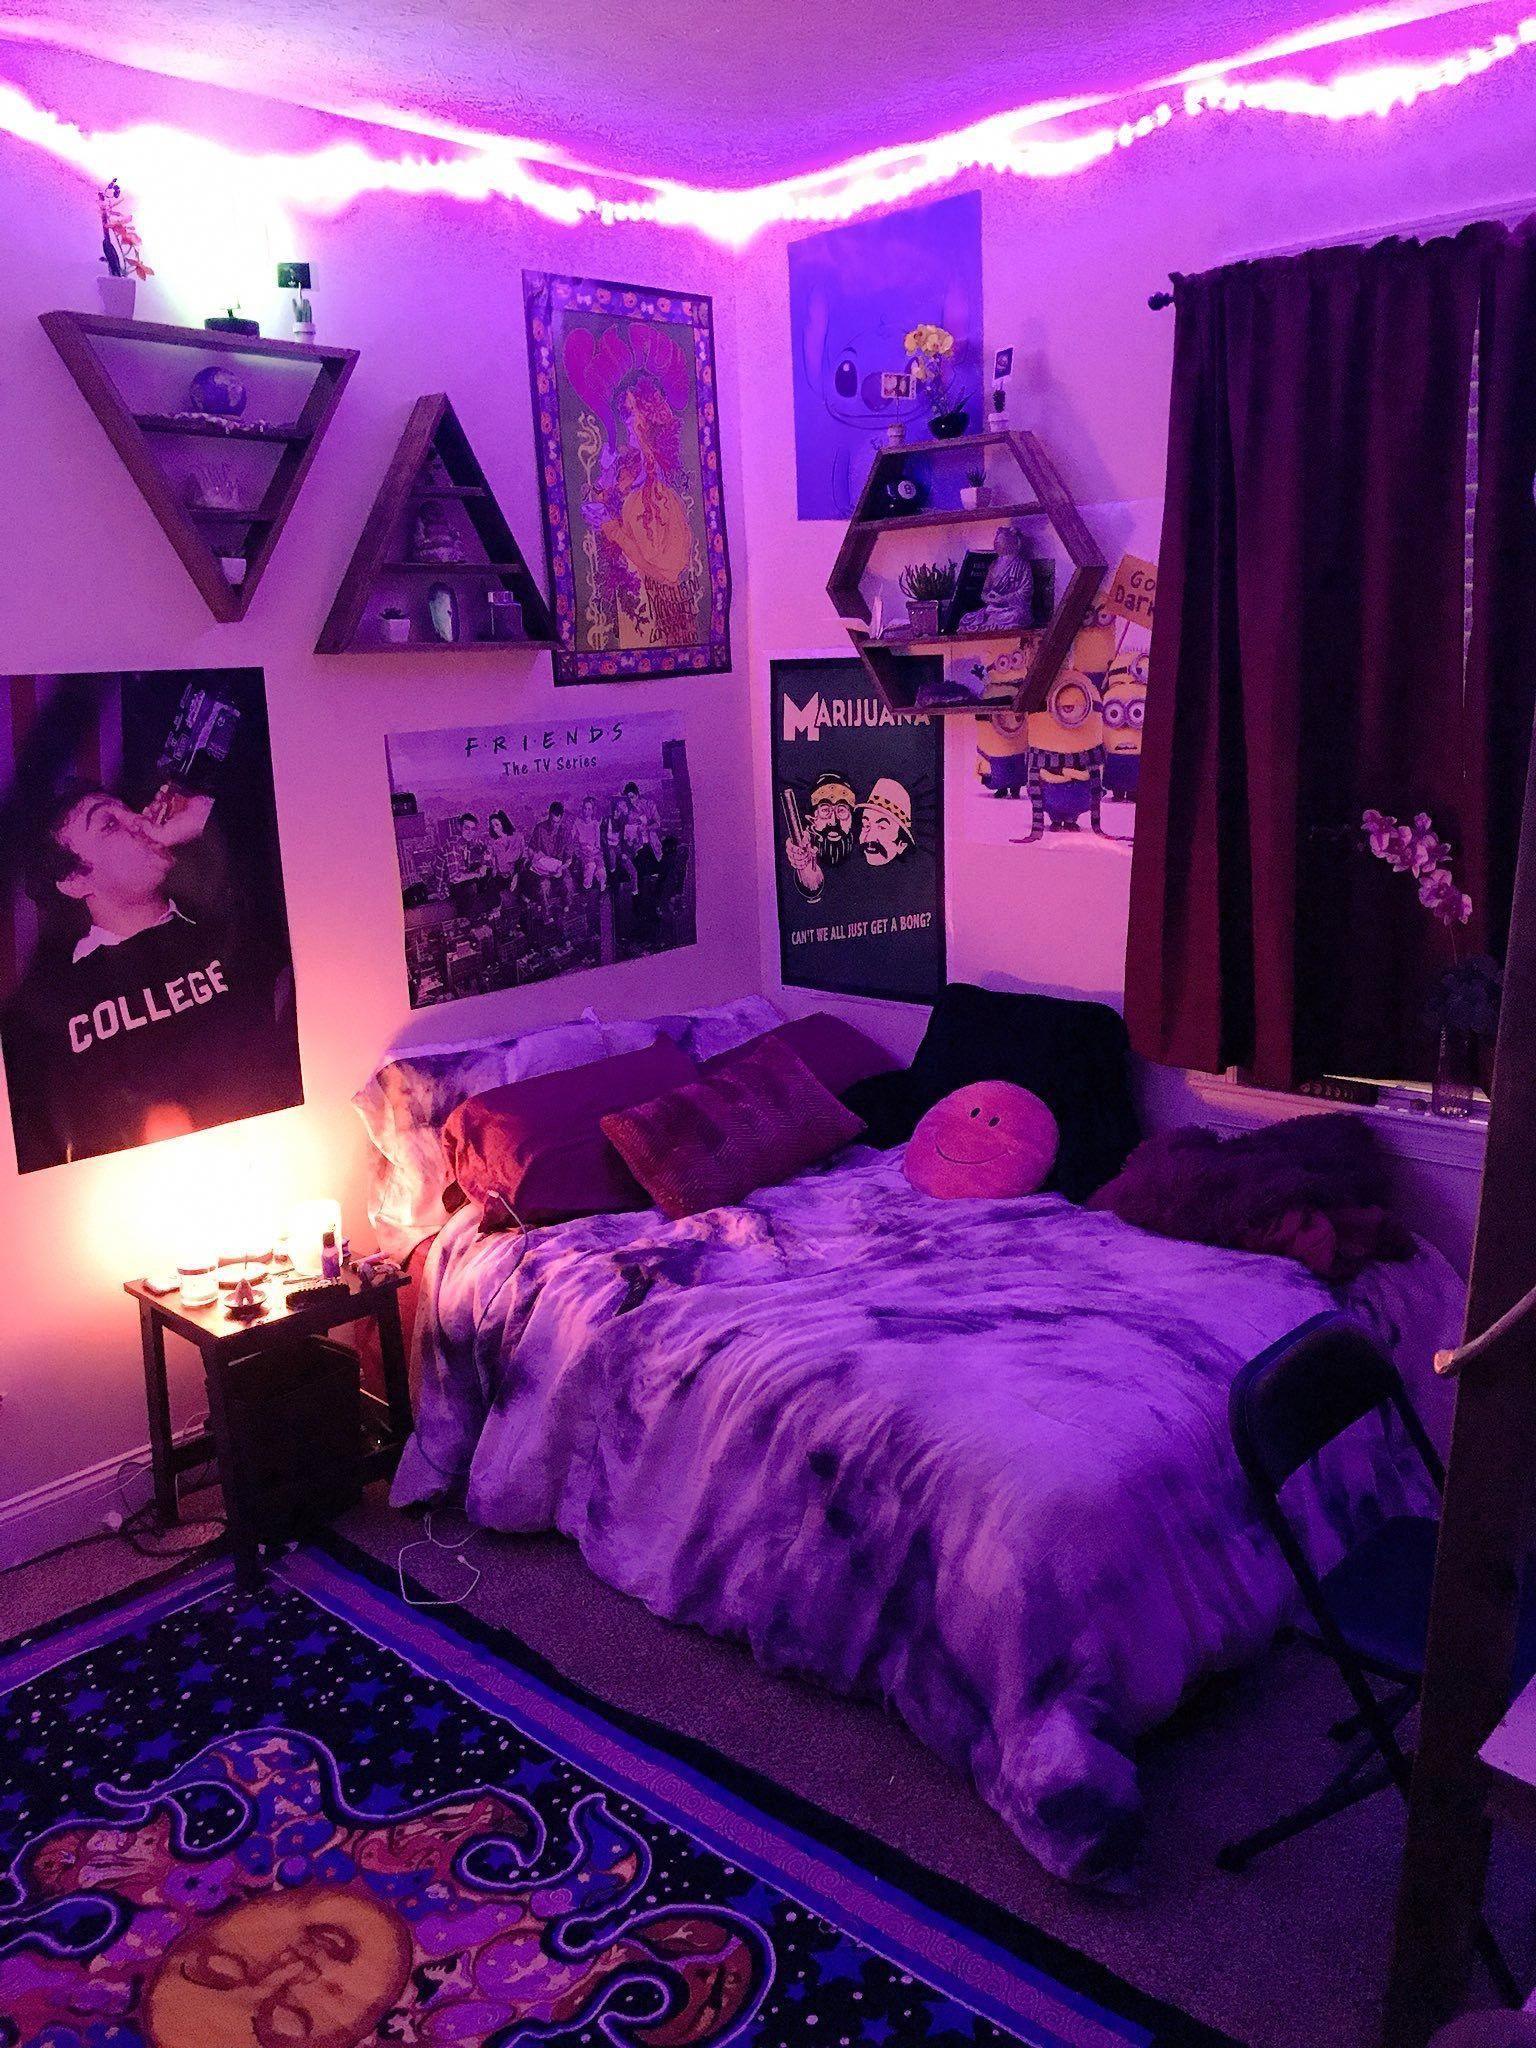 vaporwave room #vaporwave Hipster college apartment ...